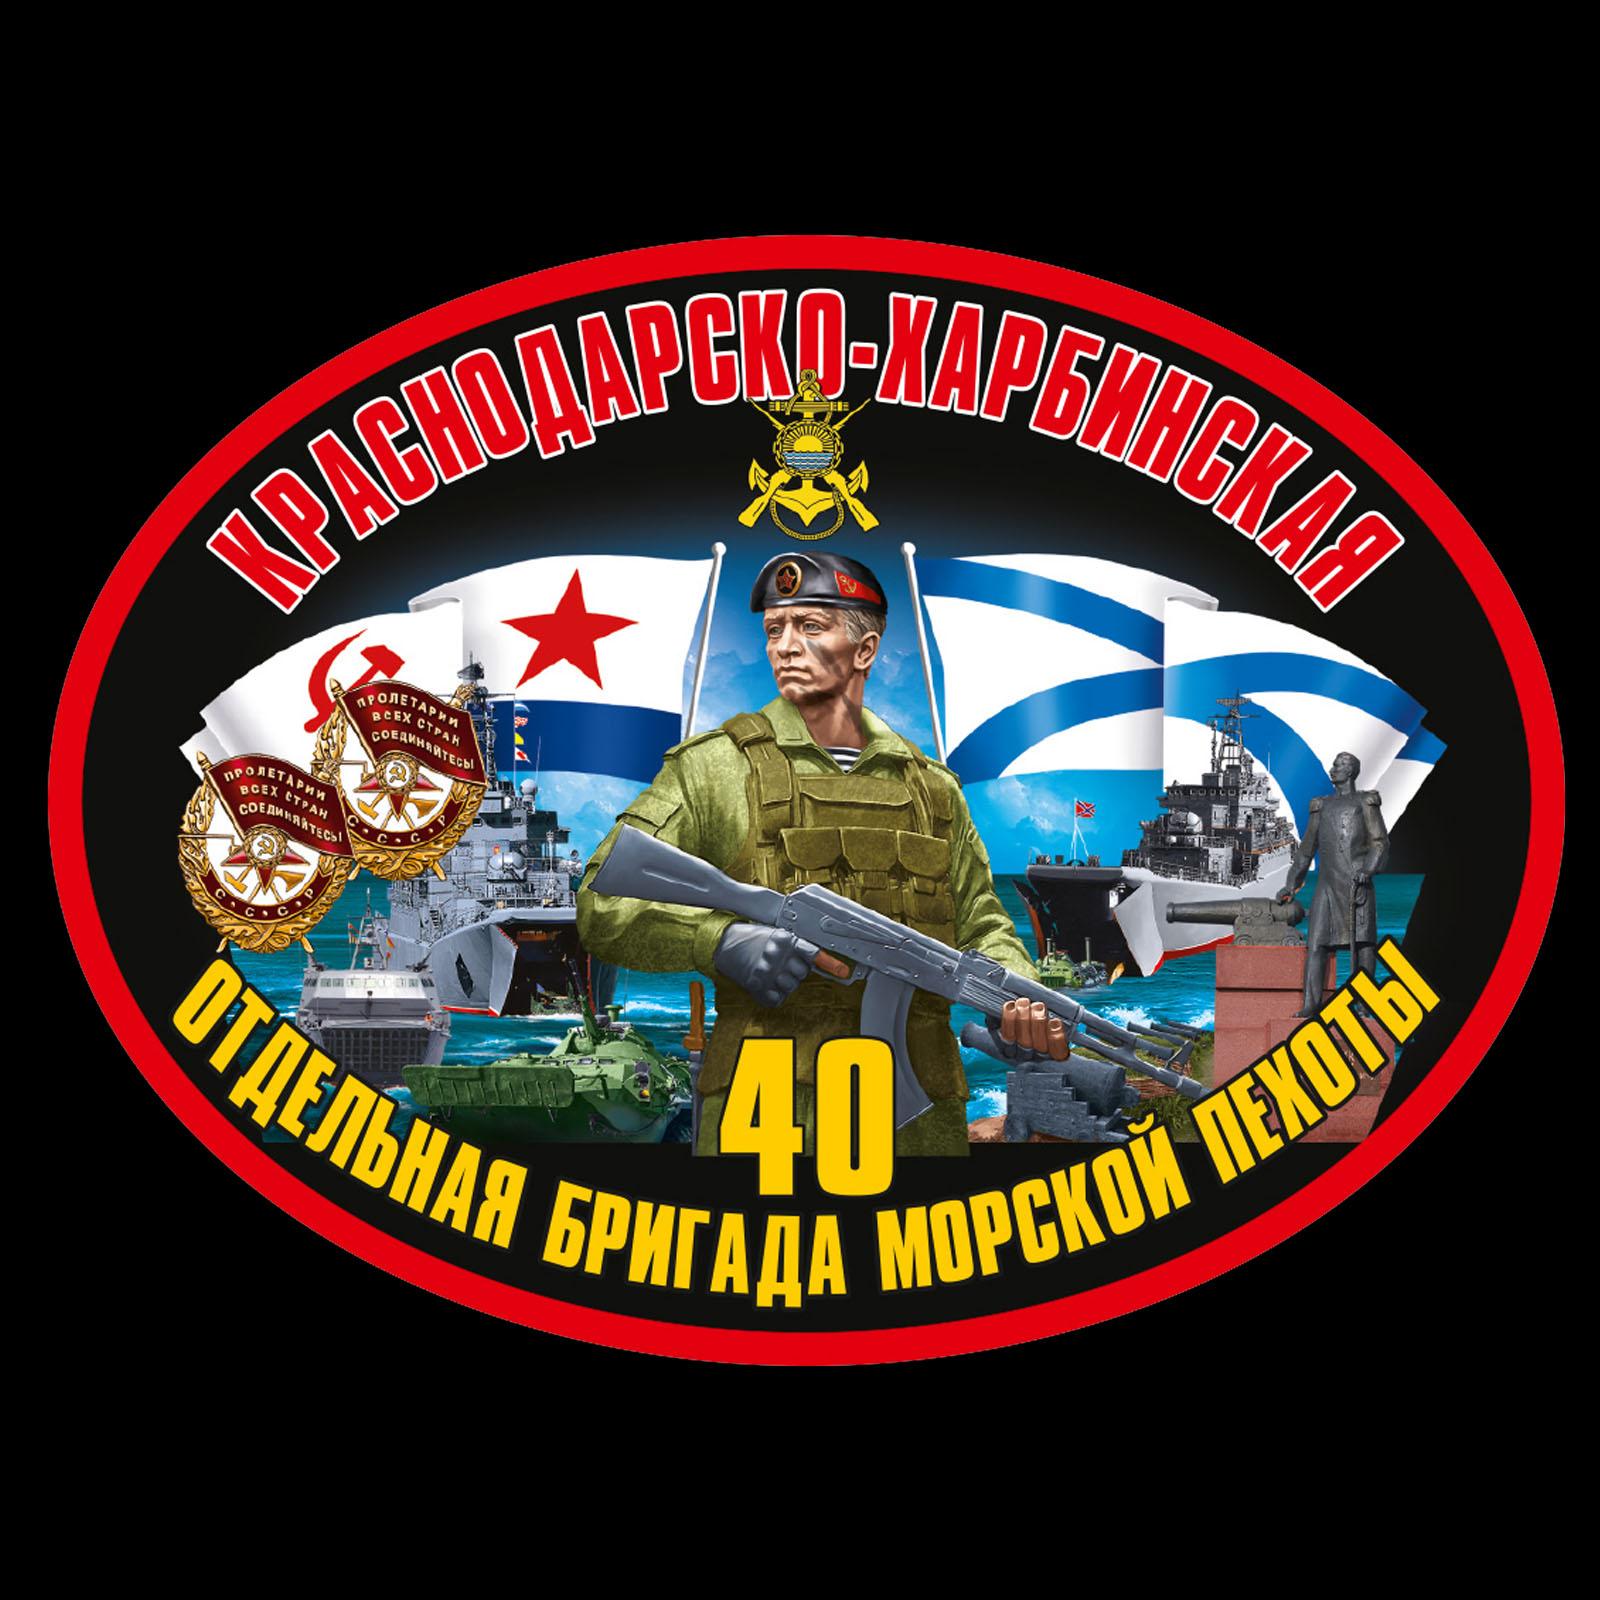 Надежная мужская футболка с термонаклейкой 40 Отдельная бригада Морской Пехоты